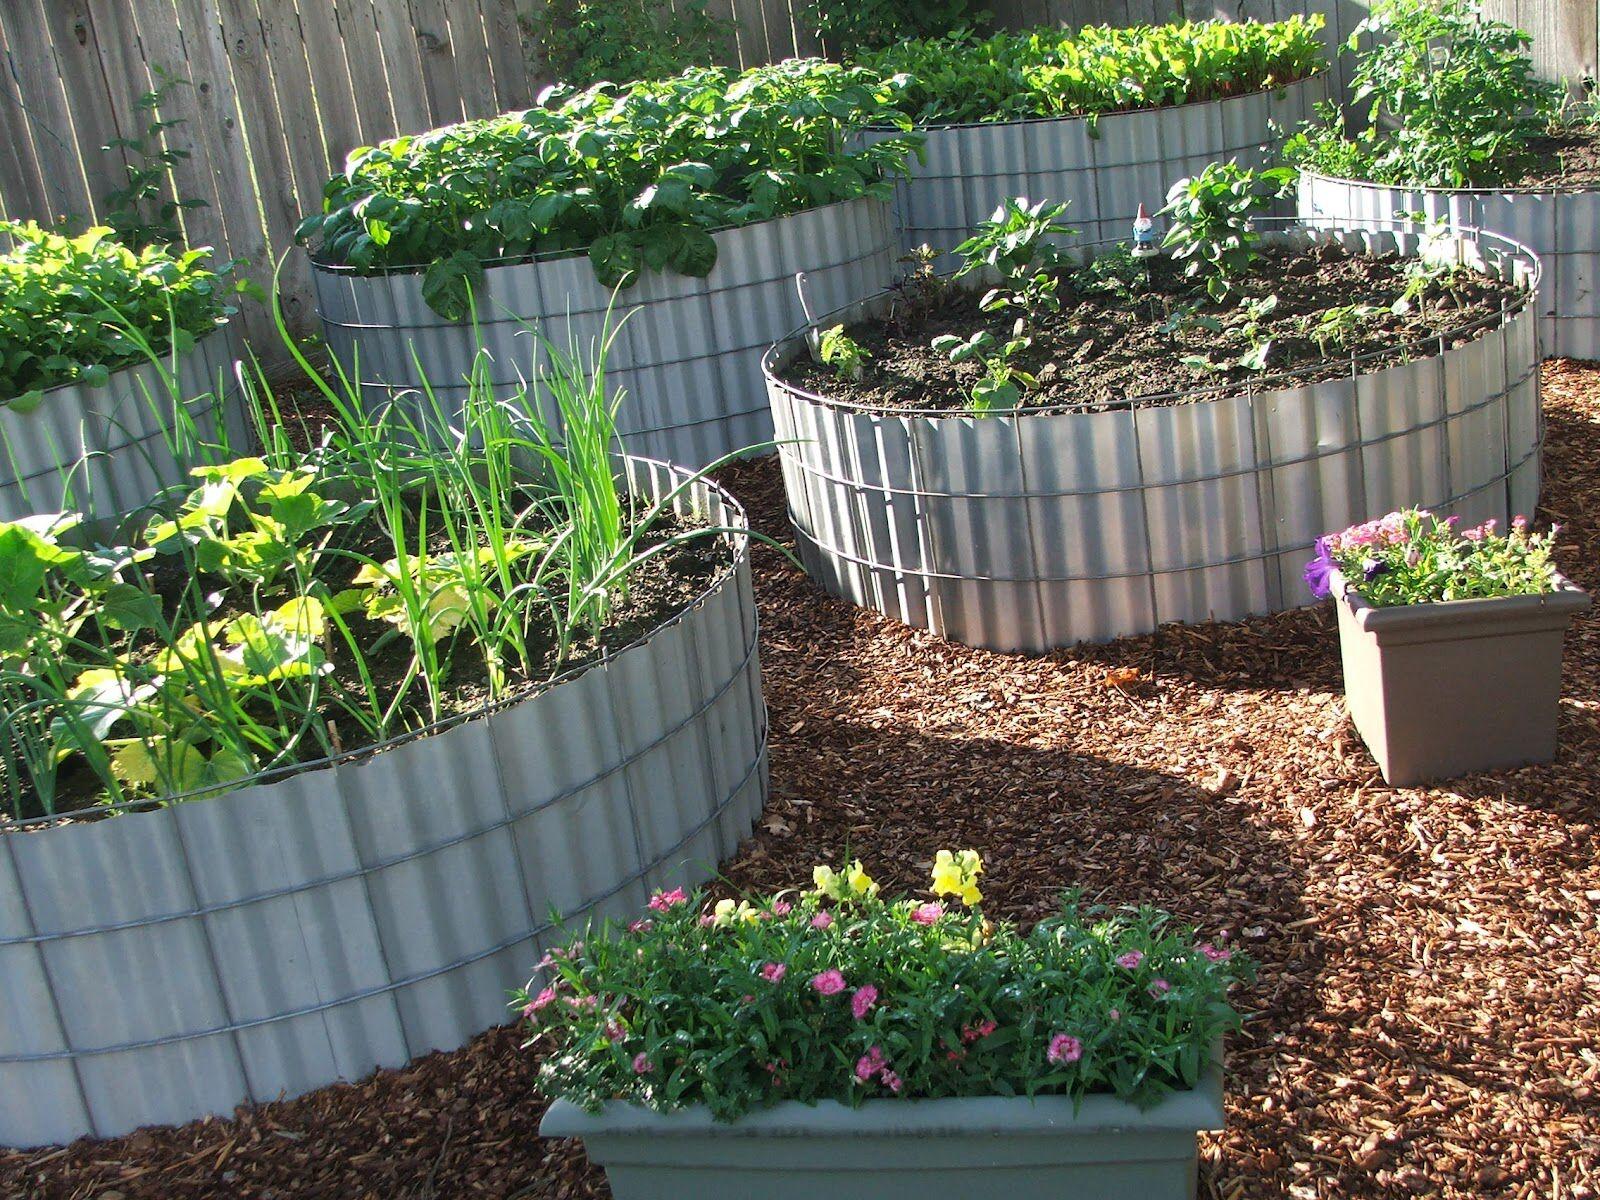 raised garden bed design ideas raised garden bed ideas in home - Raised Flower Bed Design Ideas